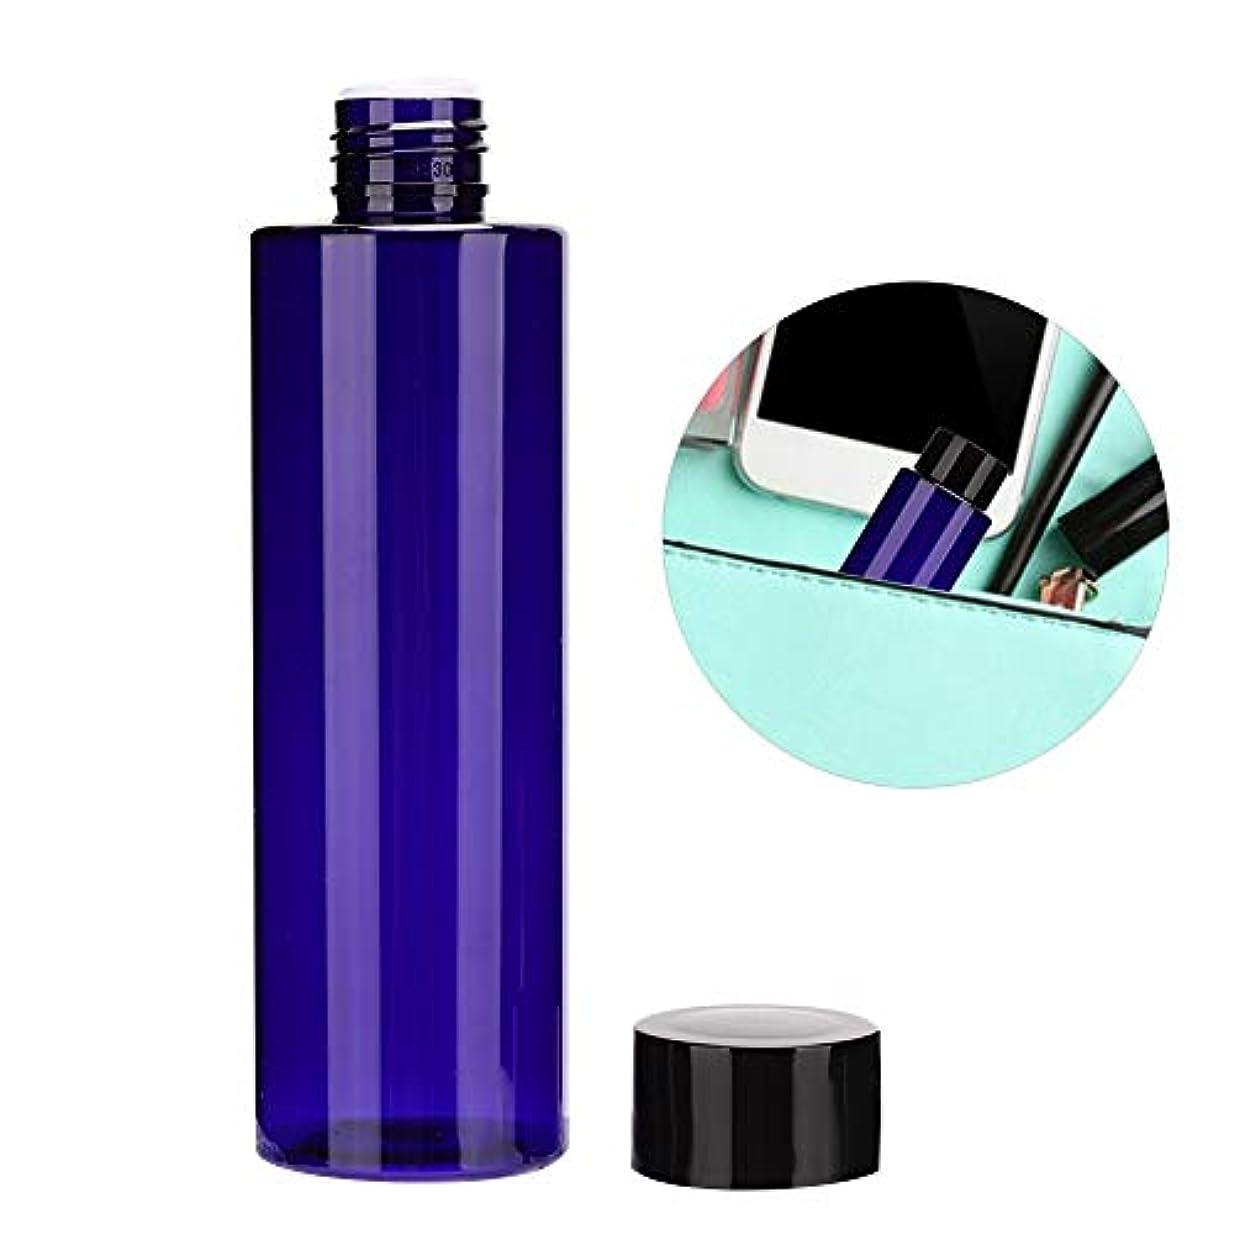 影のあるブラストロイヤリティ200ML PET 詰め替え 可能な空 液体ボトルローション スキンケア 製品 空の化粧品 トナーコンテナボトル